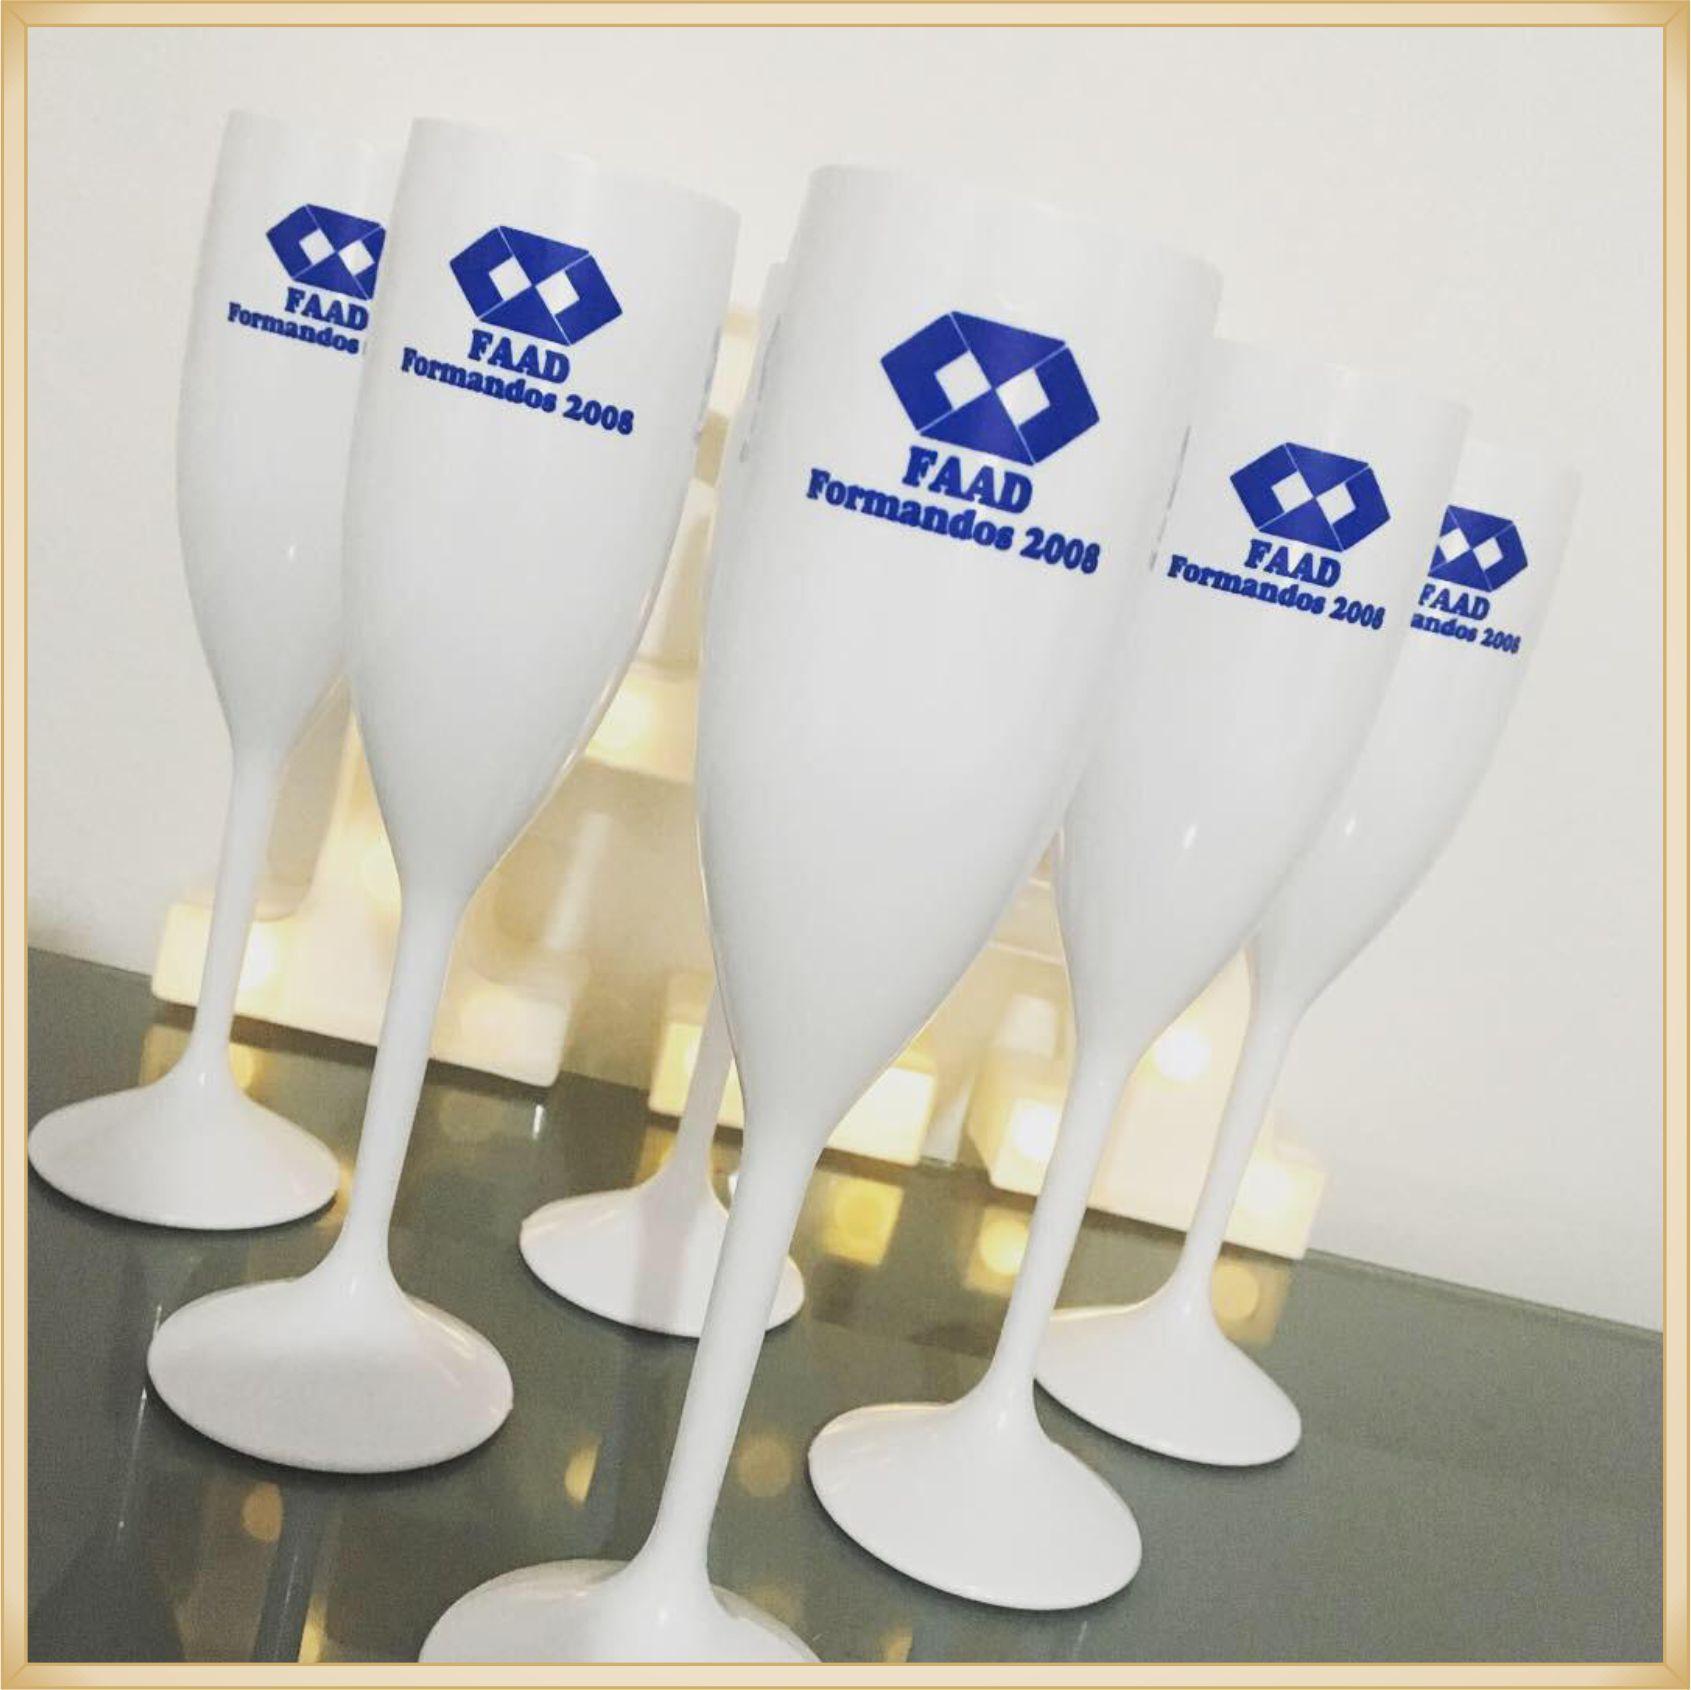 Taças de acrílico Personalizadas Empresas - material de qualidade, brilhante, acabamento perfeito, parede 2,0mm, produto Atóxico, 190ml. kit 50 unid.